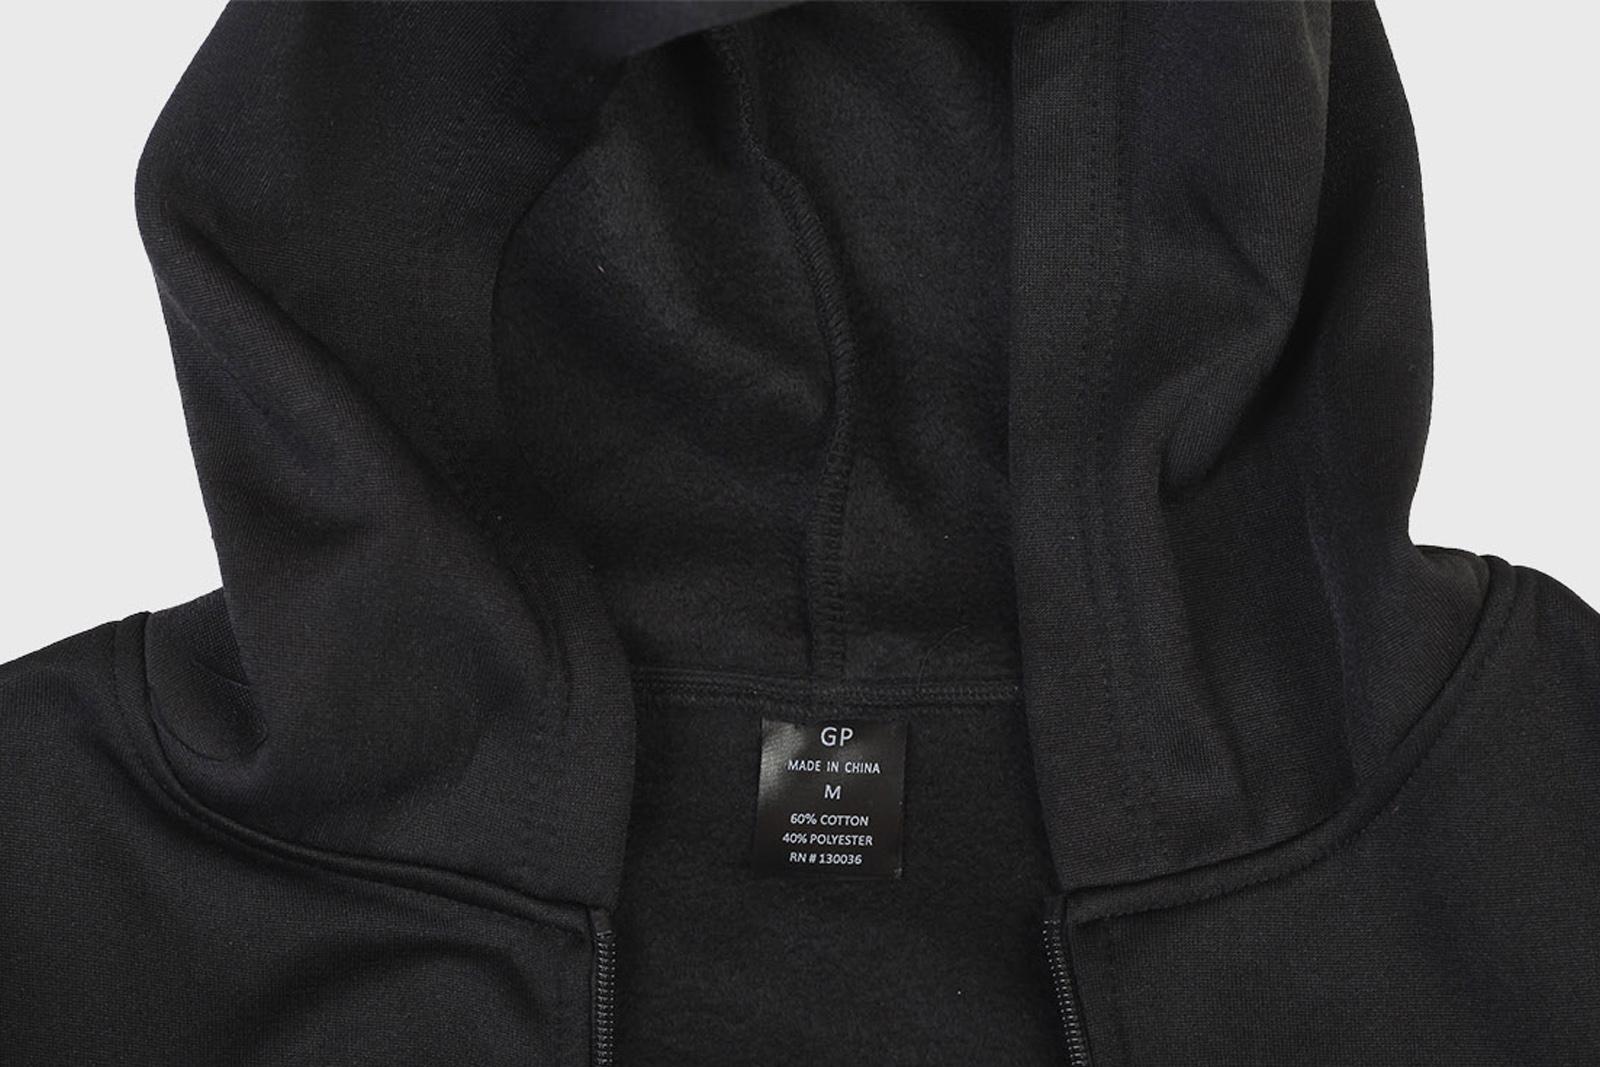 Практичная черная толстовка на замке с символикой ВМФ СССР - купить в розницу